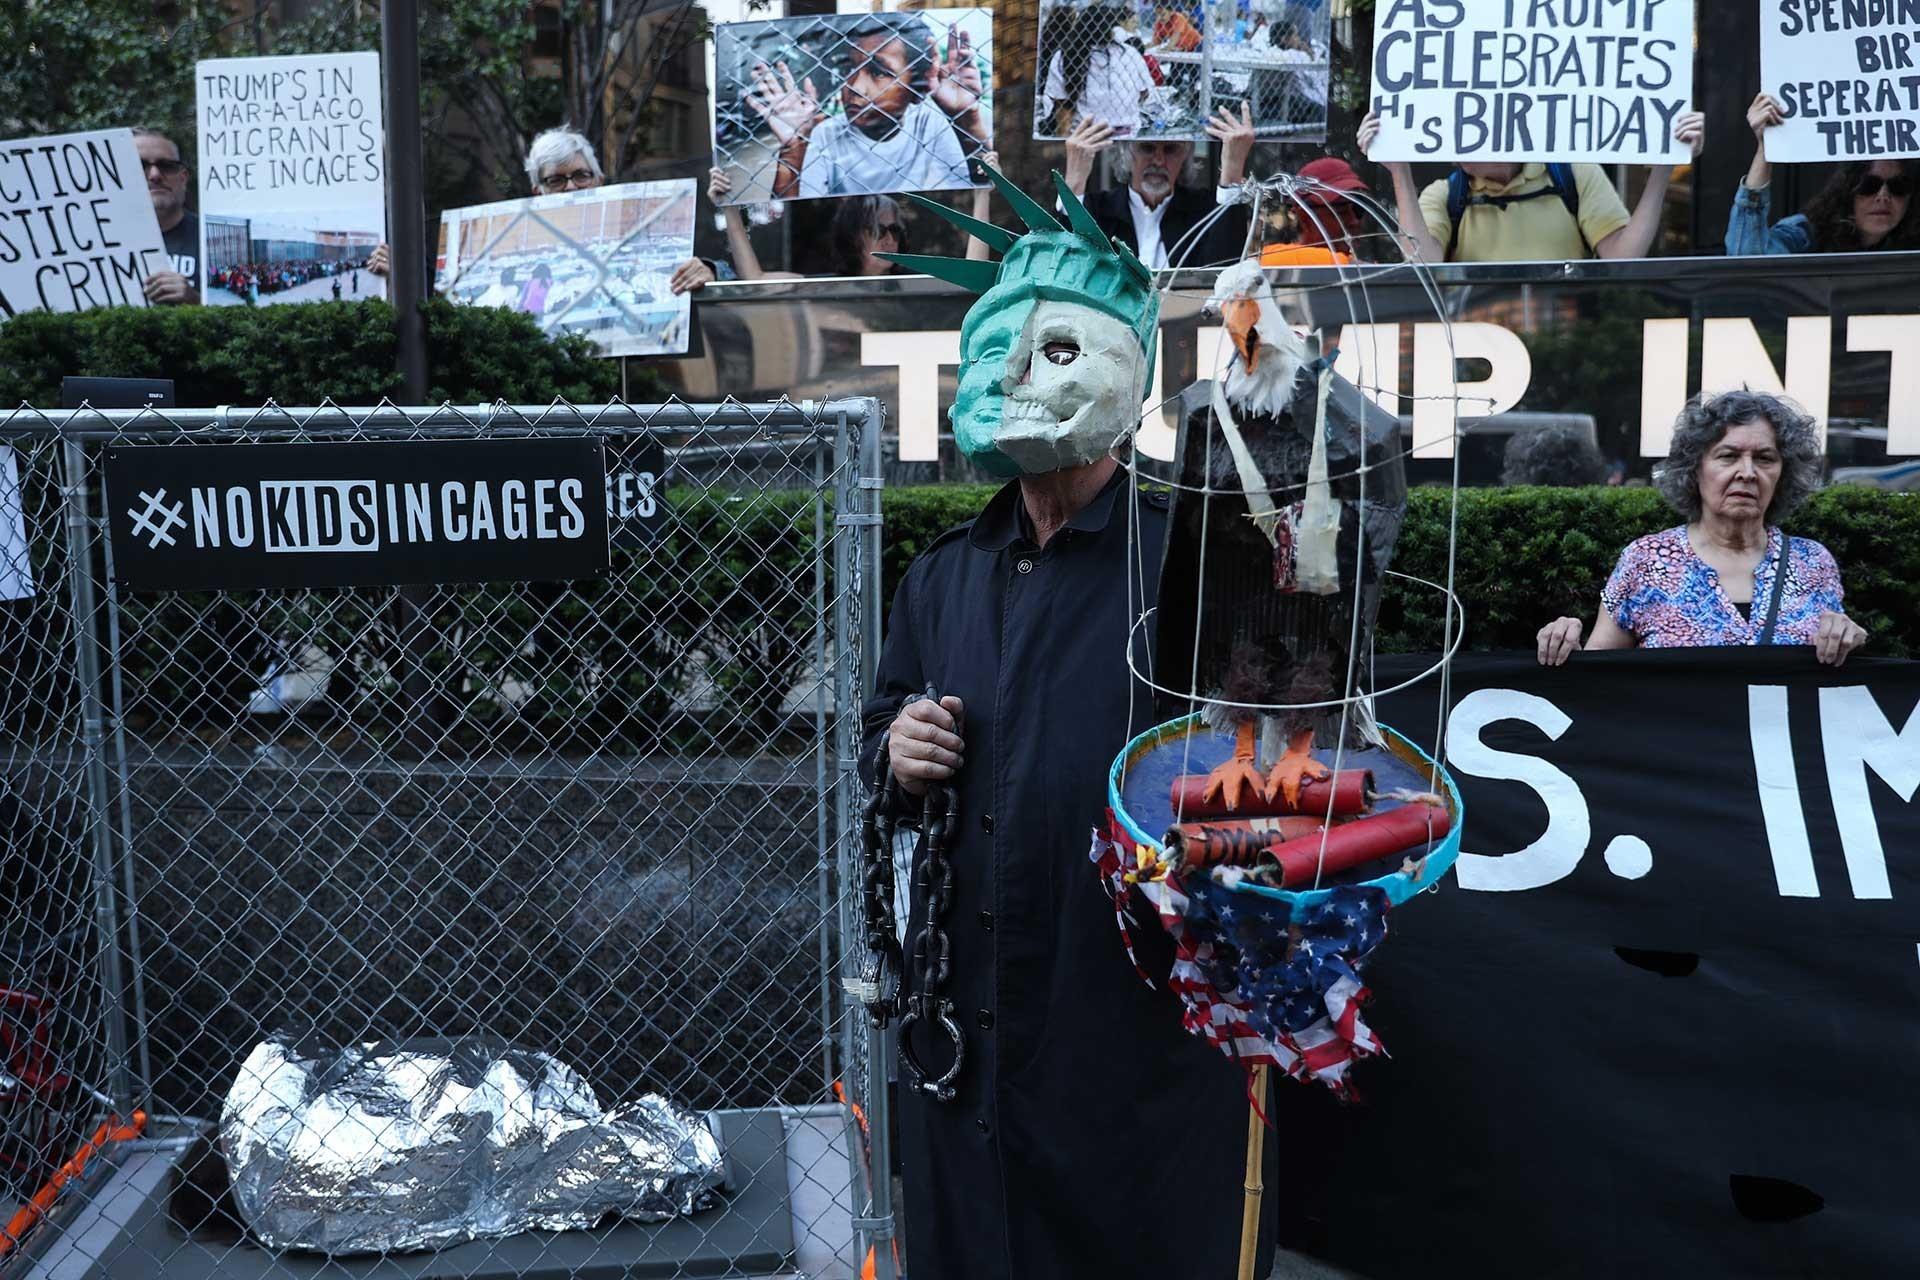 Trump'ın göçmen politikası New York'ta protesto edildi: 'Kafeslere Hayır'